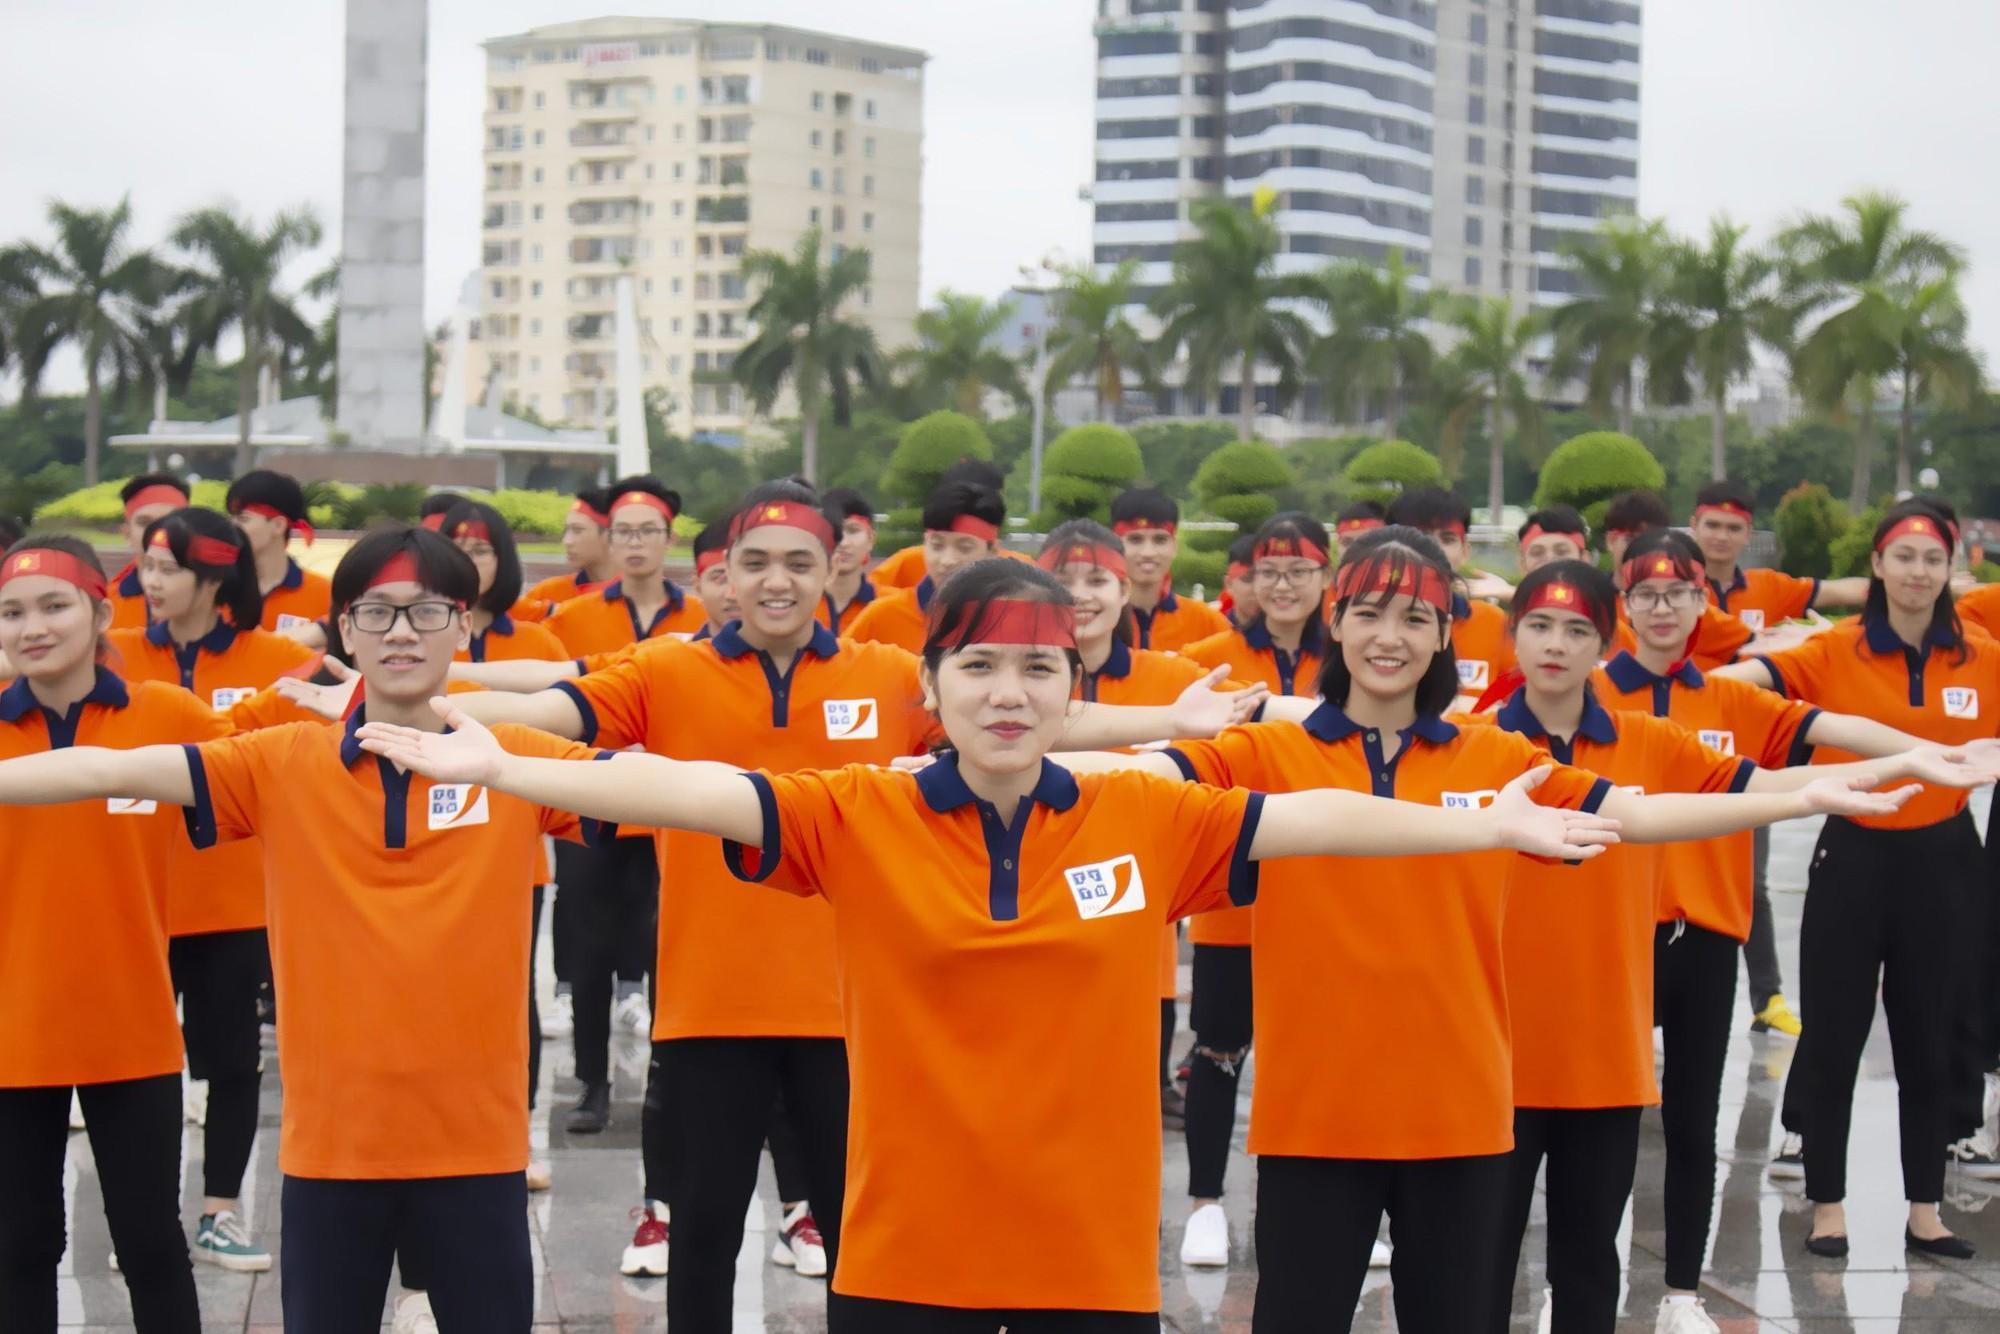 Tân sinh viên TTTH (T3H) nhảy flashmode chào đón Quốc khánh - Ảnh 2.